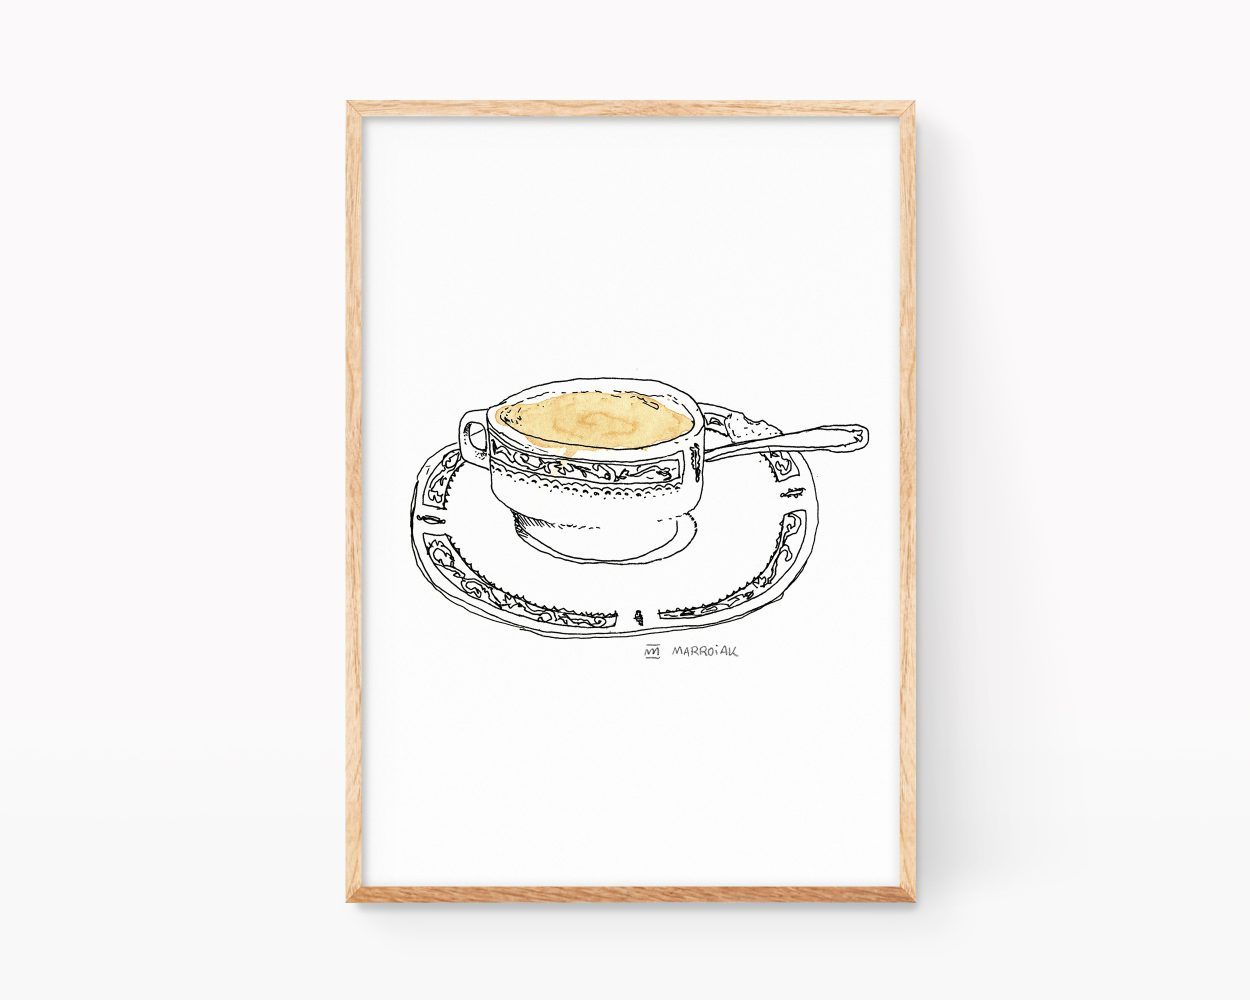 Lámina decorativa para cocinas y cafeterías con un dibujo en blanco y negro de una taza de café solo expreso.